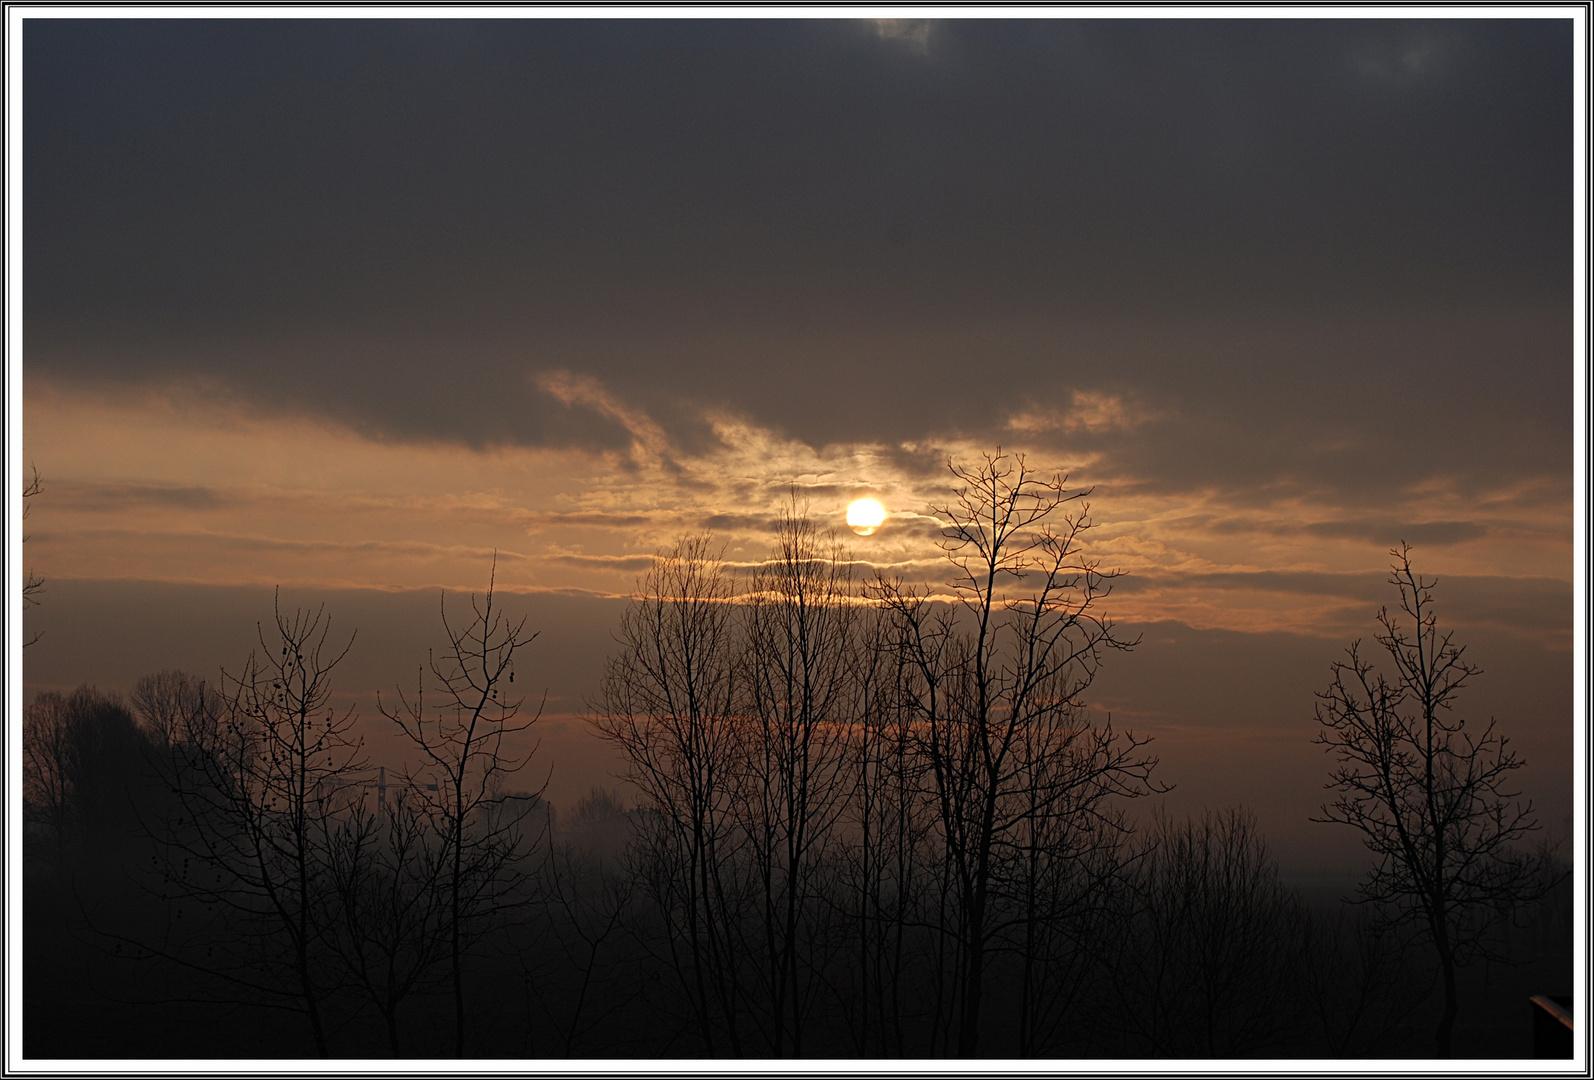 L'alba dal mio balcone...ancora